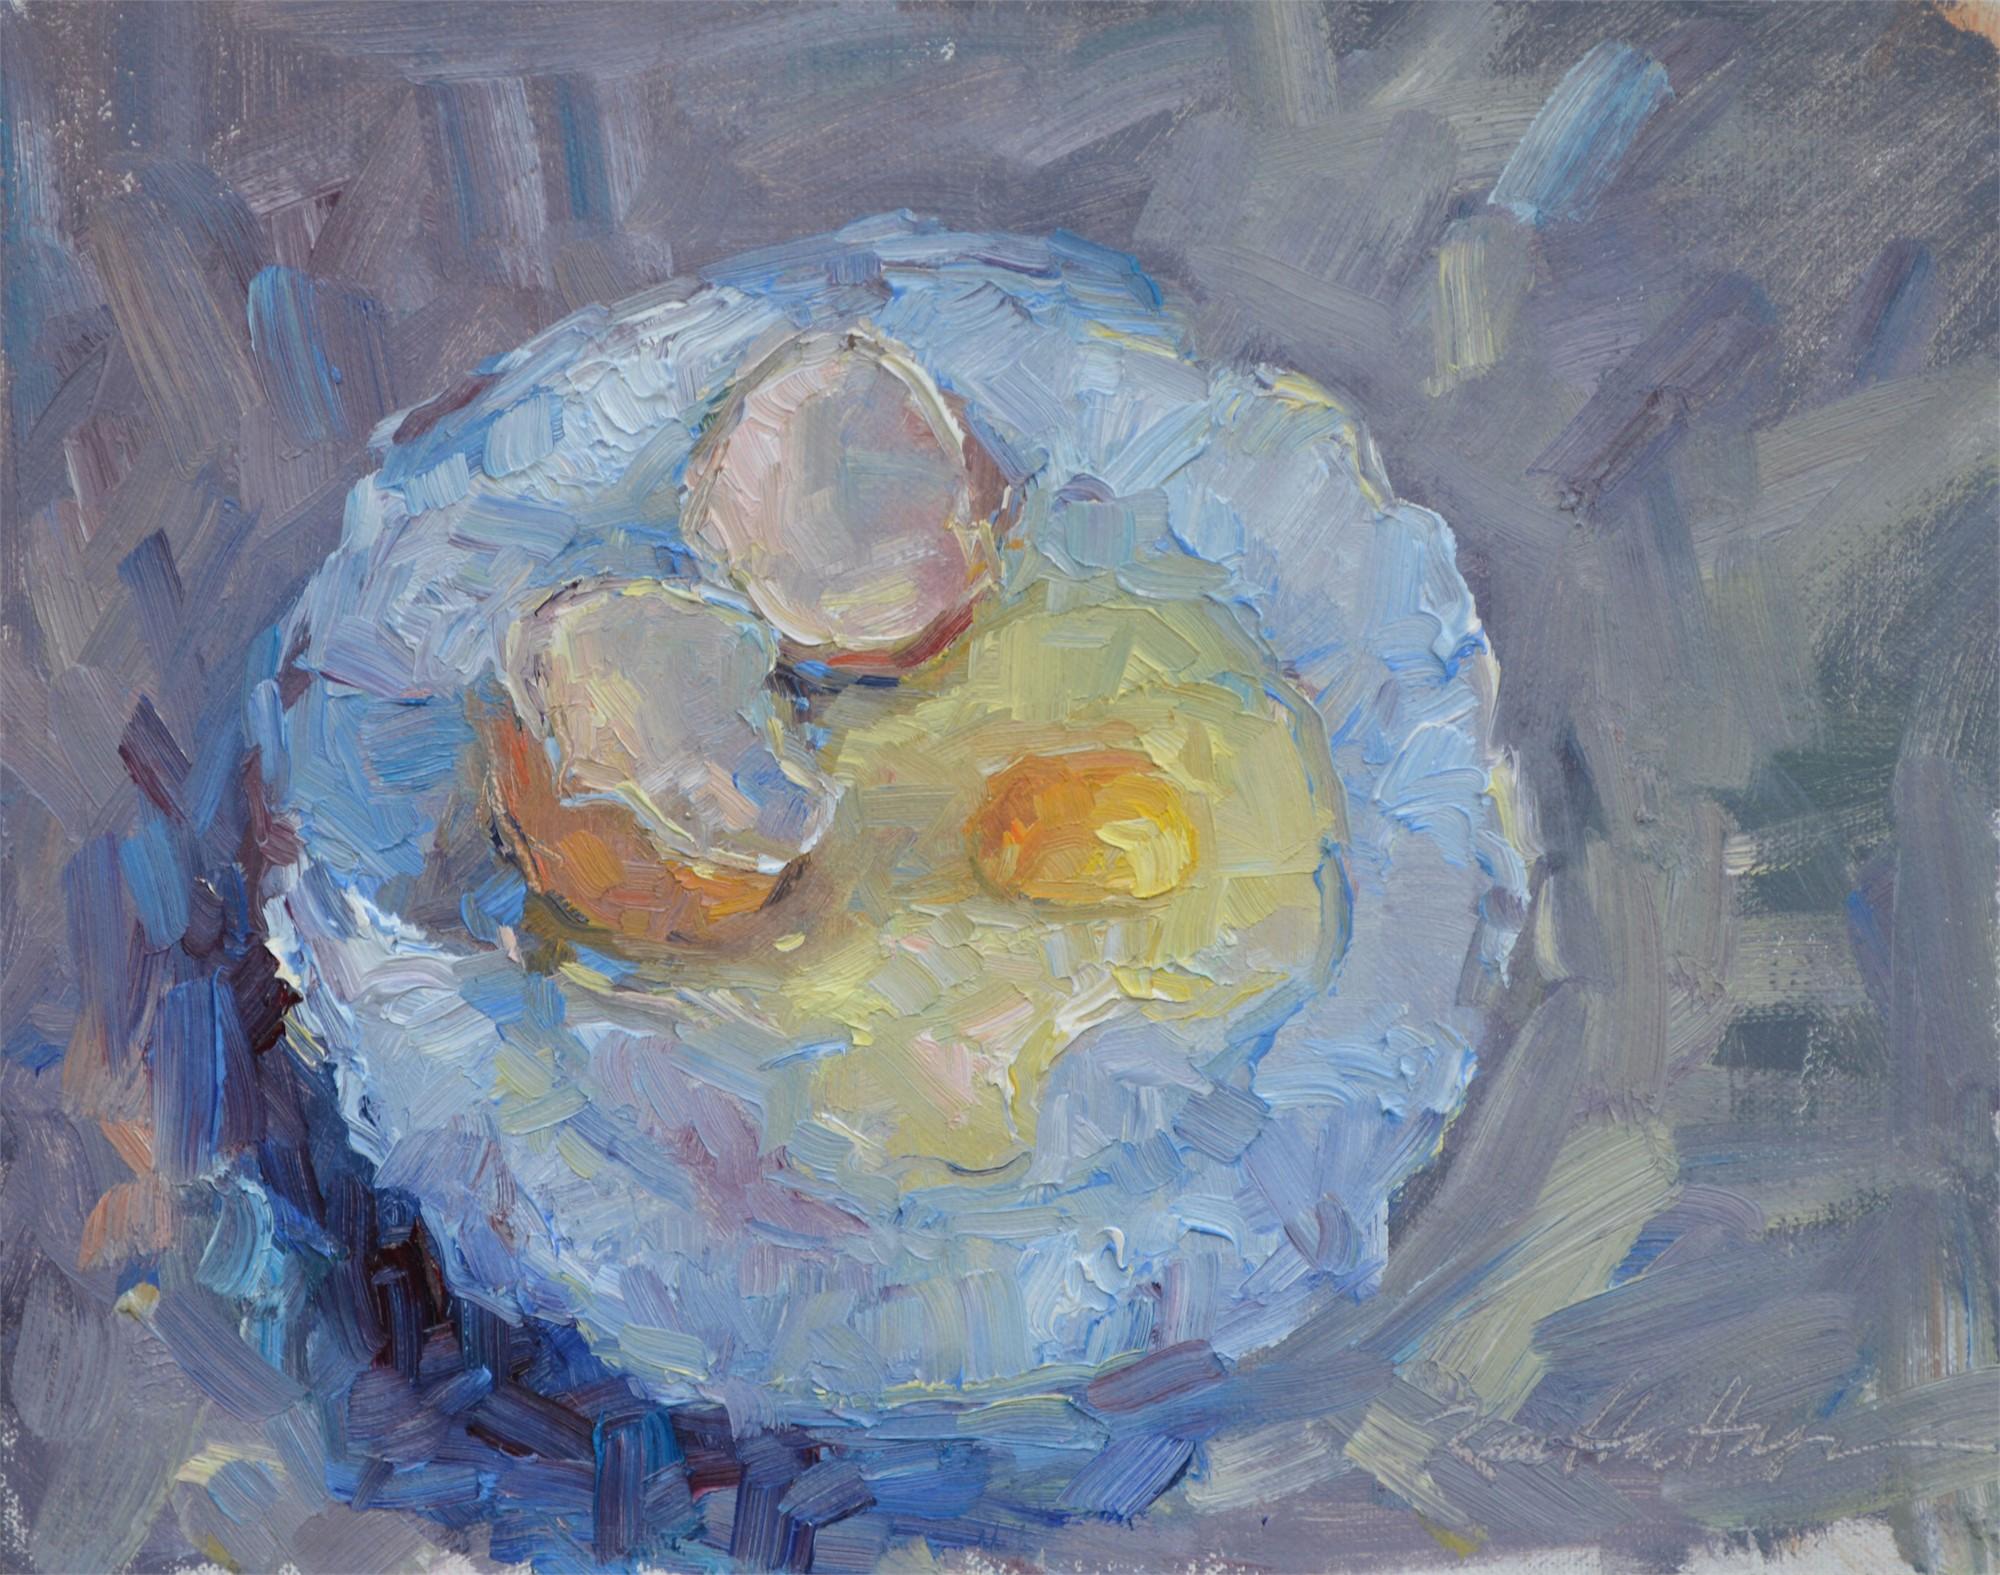 Eggs on a Plate by Karen Hewitt Hagan